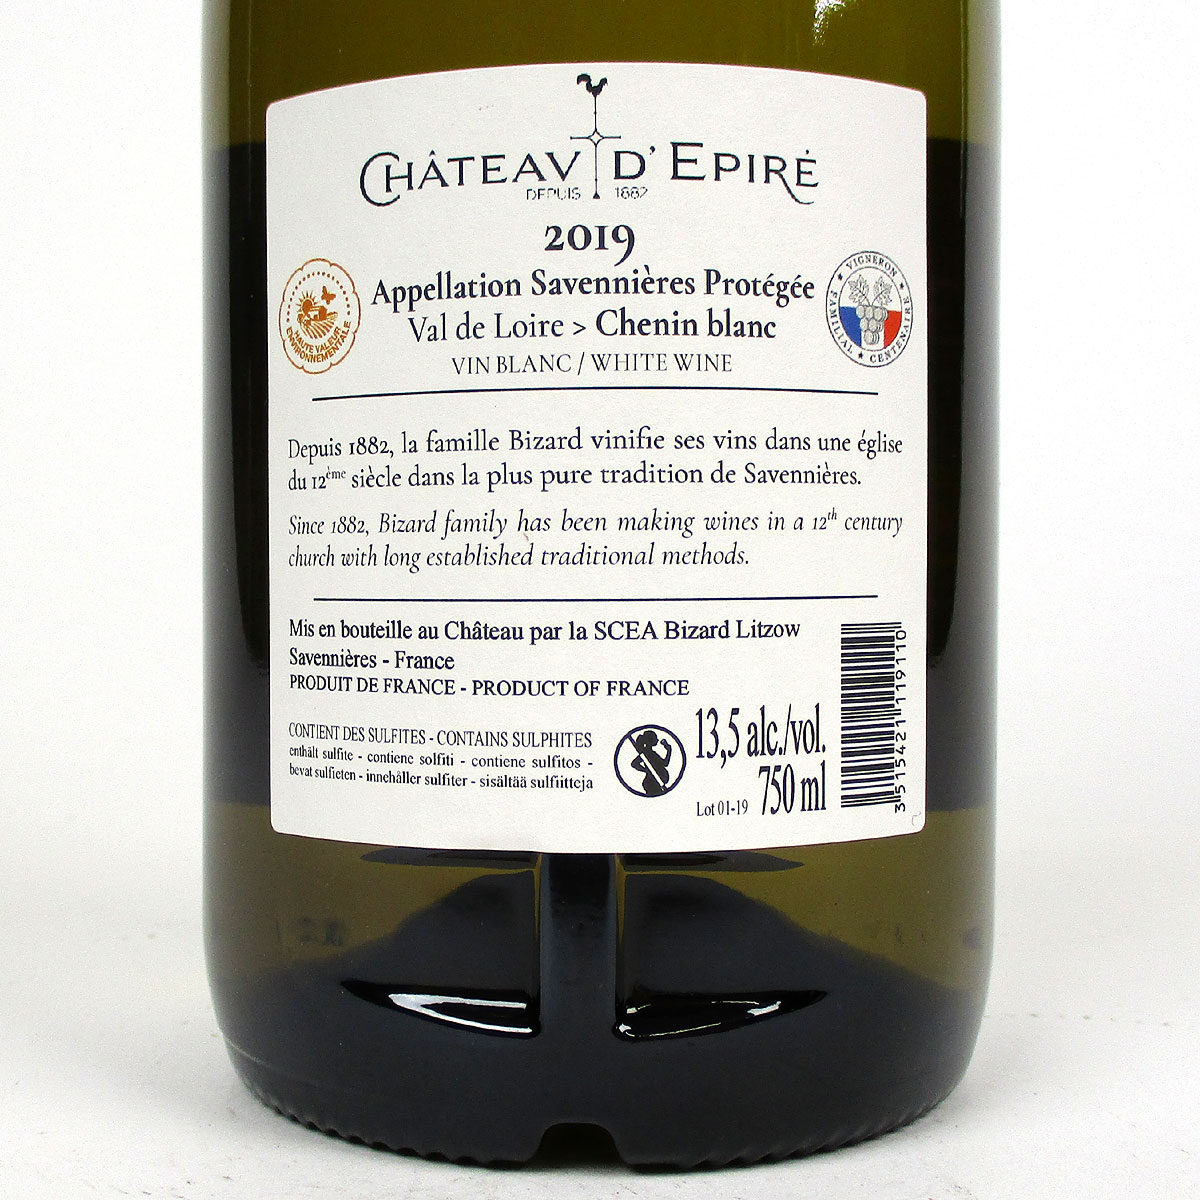 Savennières: Château d'Epiré 'Le Parc' Sec 2019 - Bottle Rear Label